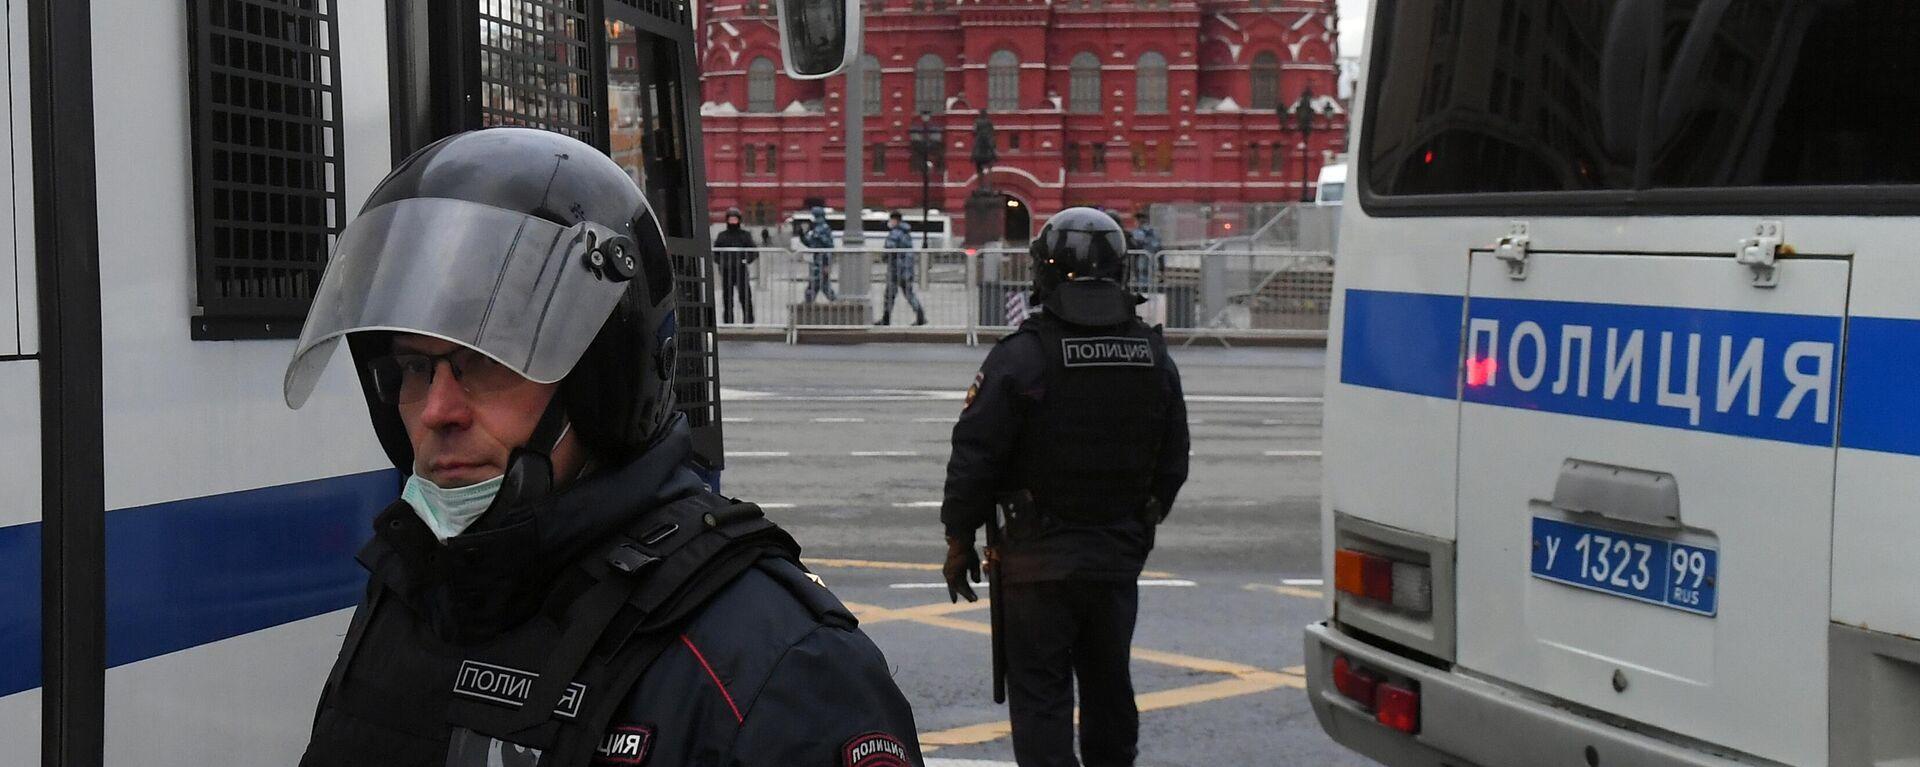 Agentes de seguridad rusos en Moscú (imagen referencial) - Sputnik Mundo, 1920, 15.07.2021